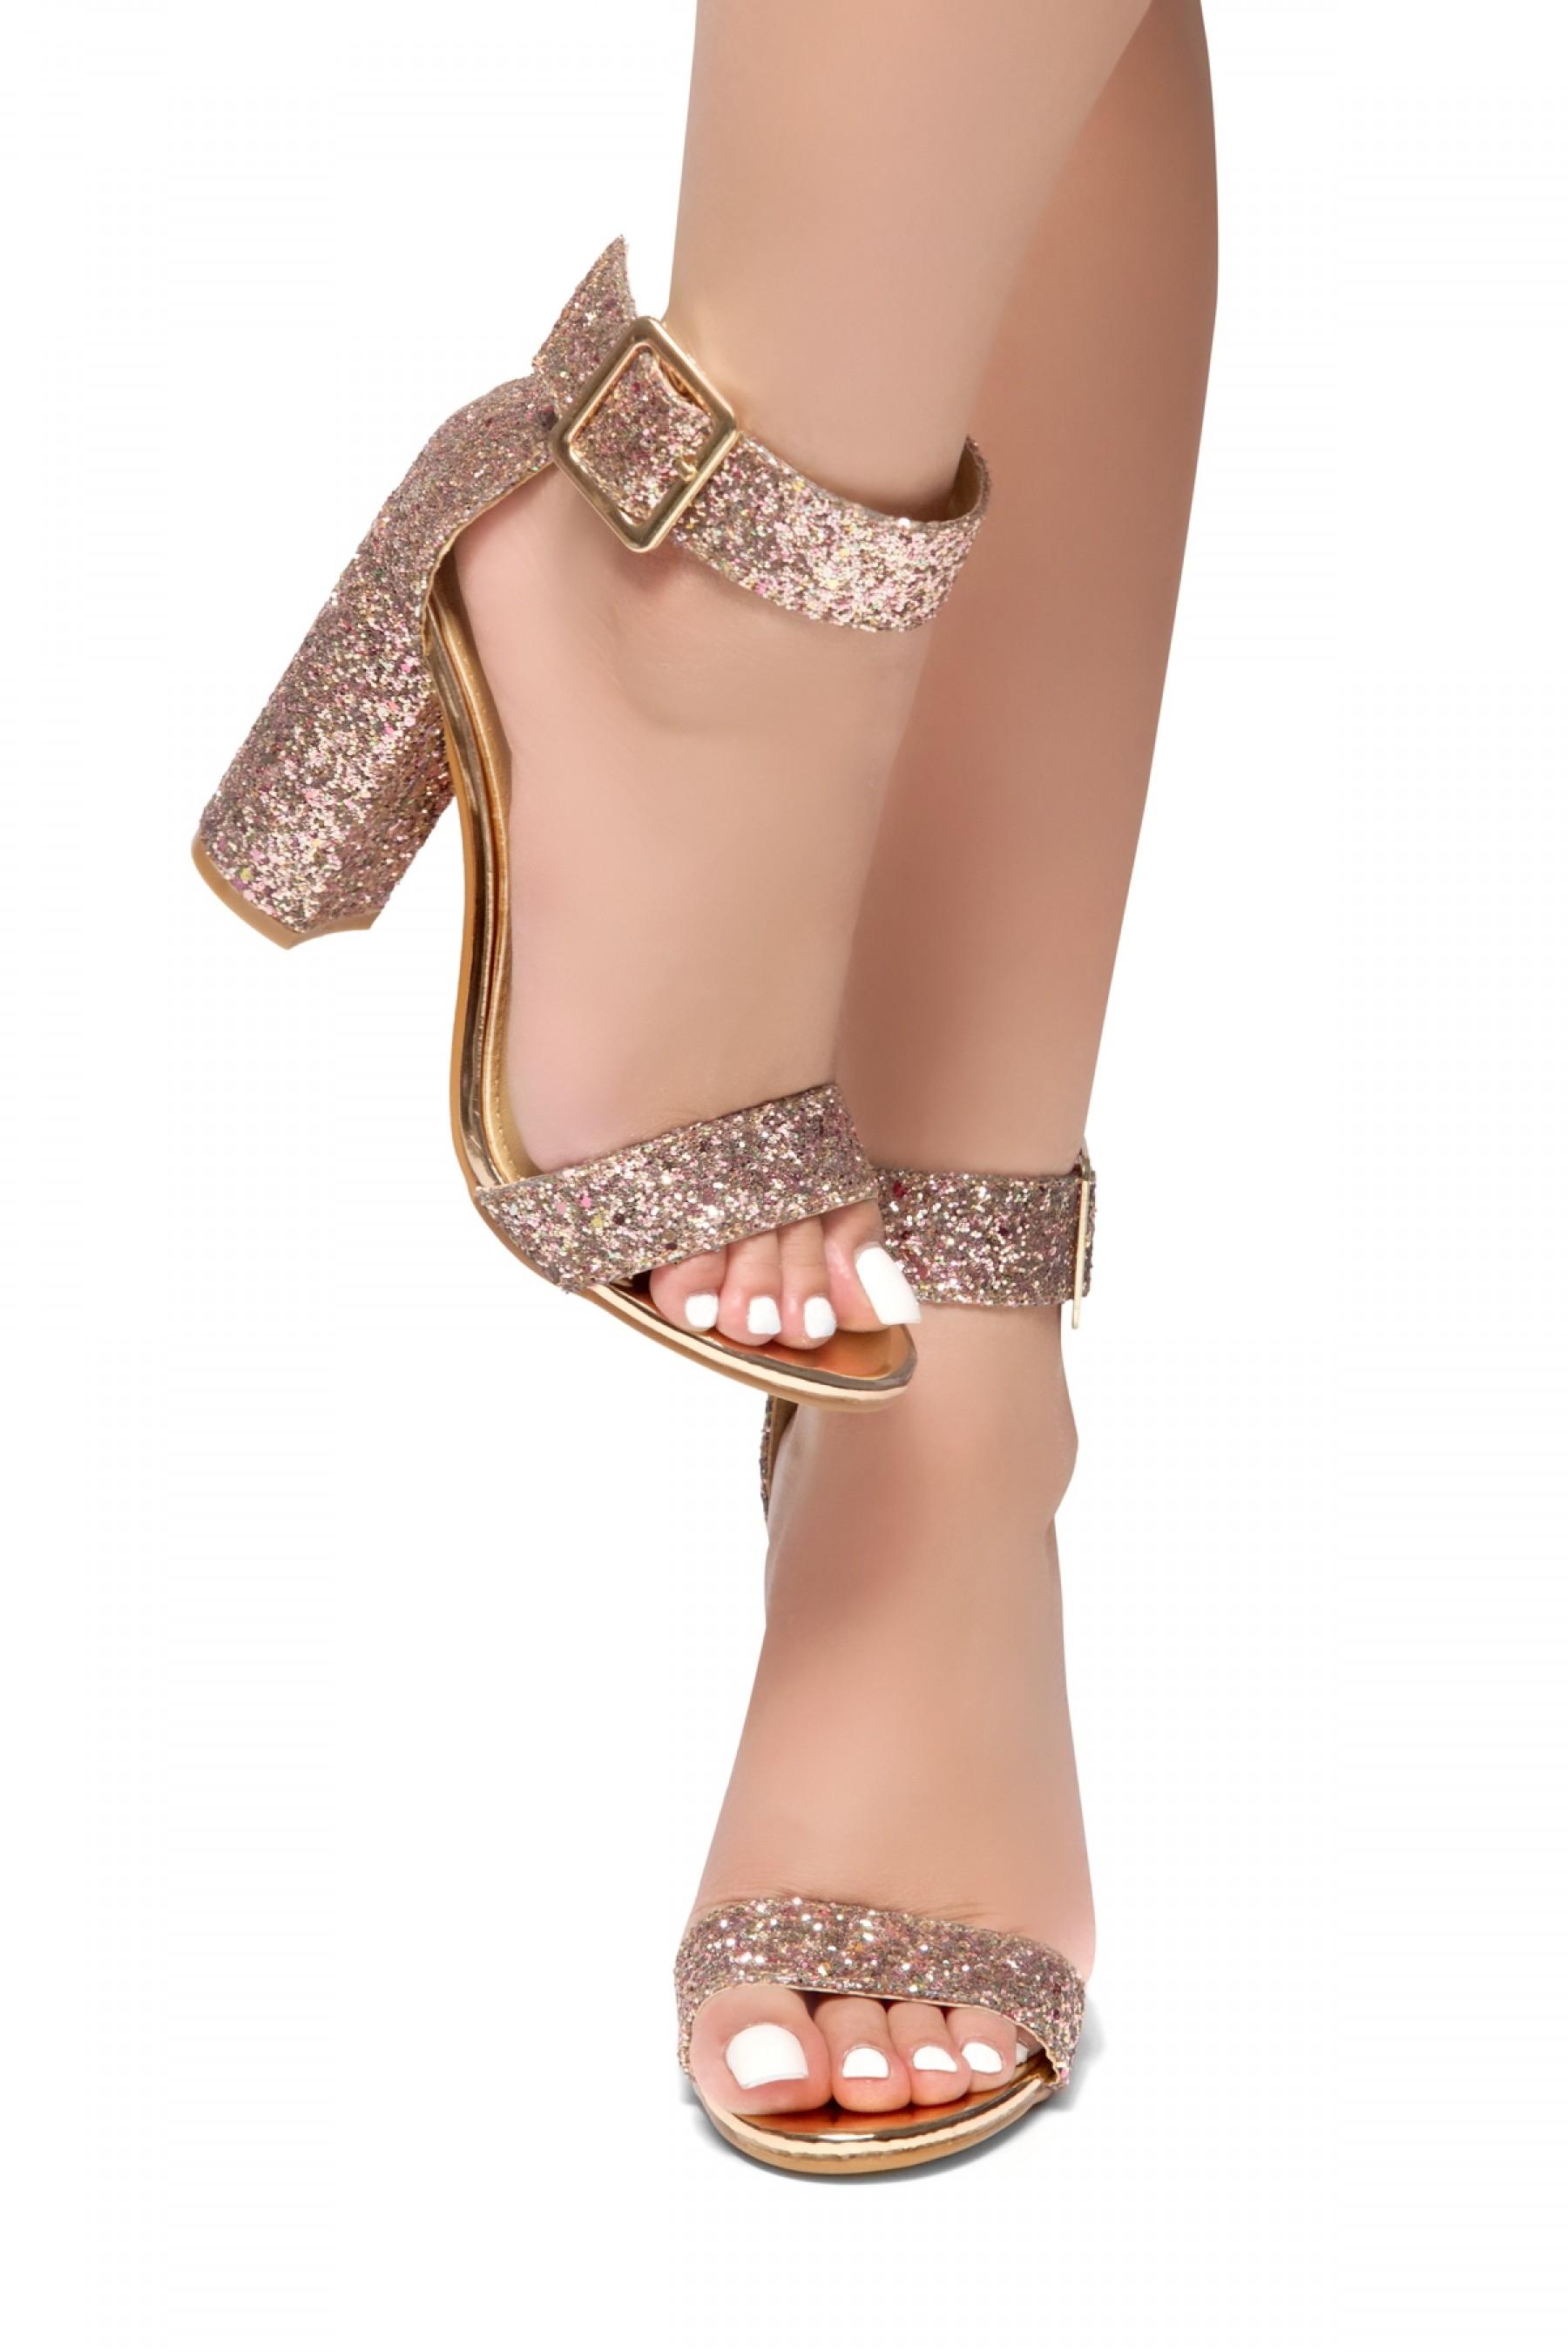 Rumors-Glitter, Chunky heel, ankle strap (Gold Glitter)